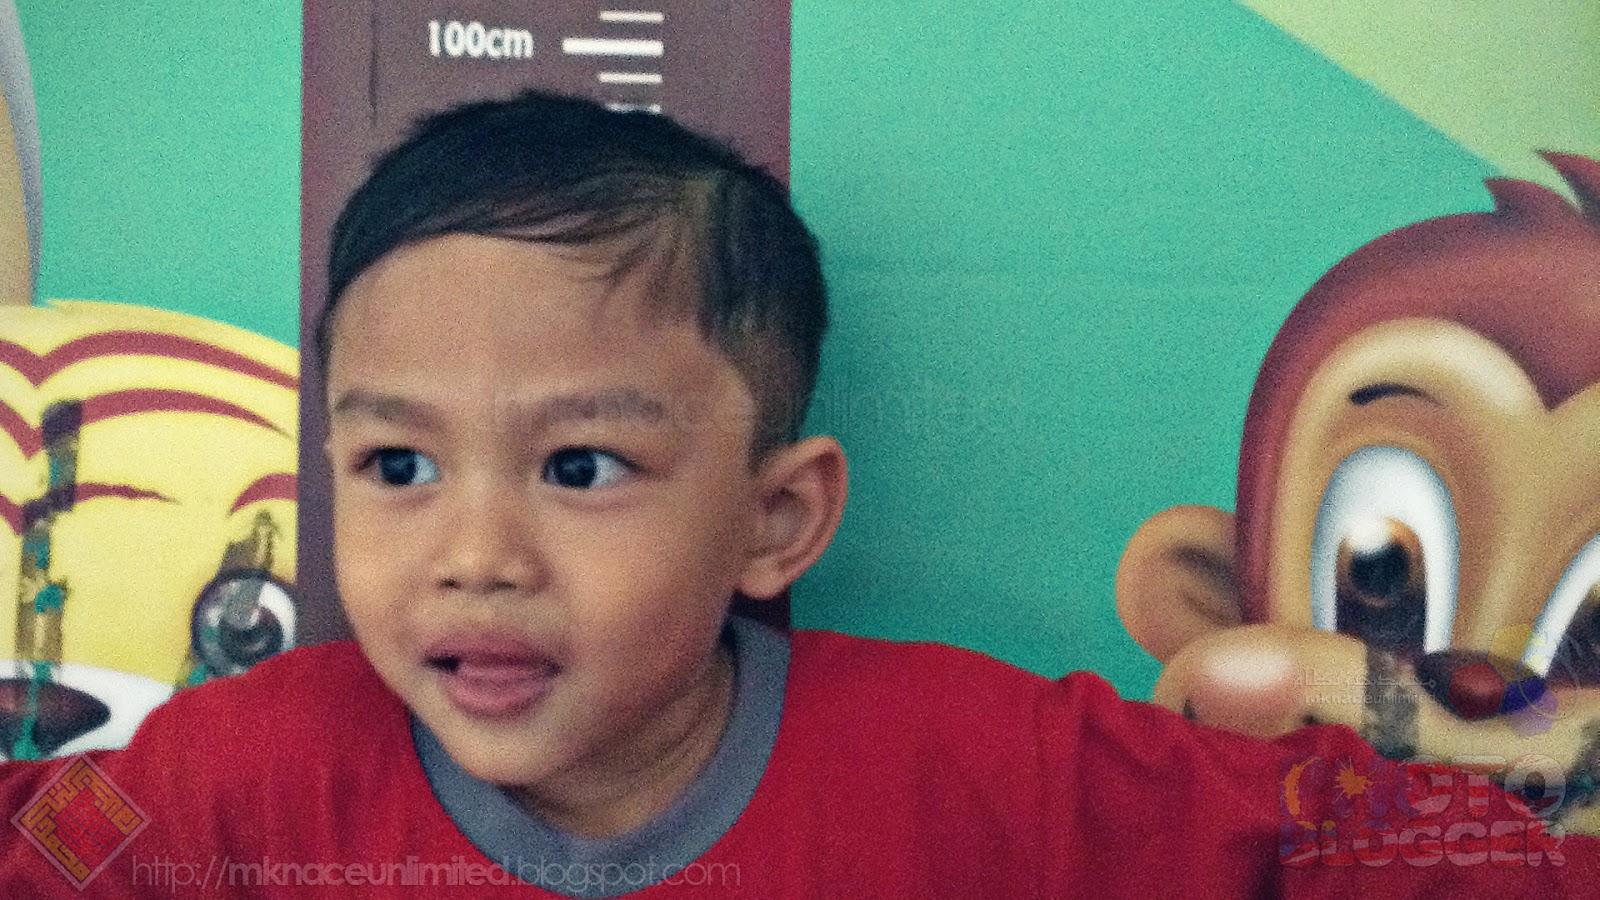 Meronda Nusantara Mknace Unlimited The Colours Of Life Tcash Vaganza 33 Must Try Product Nestle Milo Energy Cubes 50 Pcs Jumpa Doktor Si Ici Yang Lebih Keluar Masuk Bilik Panjang Sesi Angah Ngan Ni Jaga Makan Jangan Makanan Pedas Stress